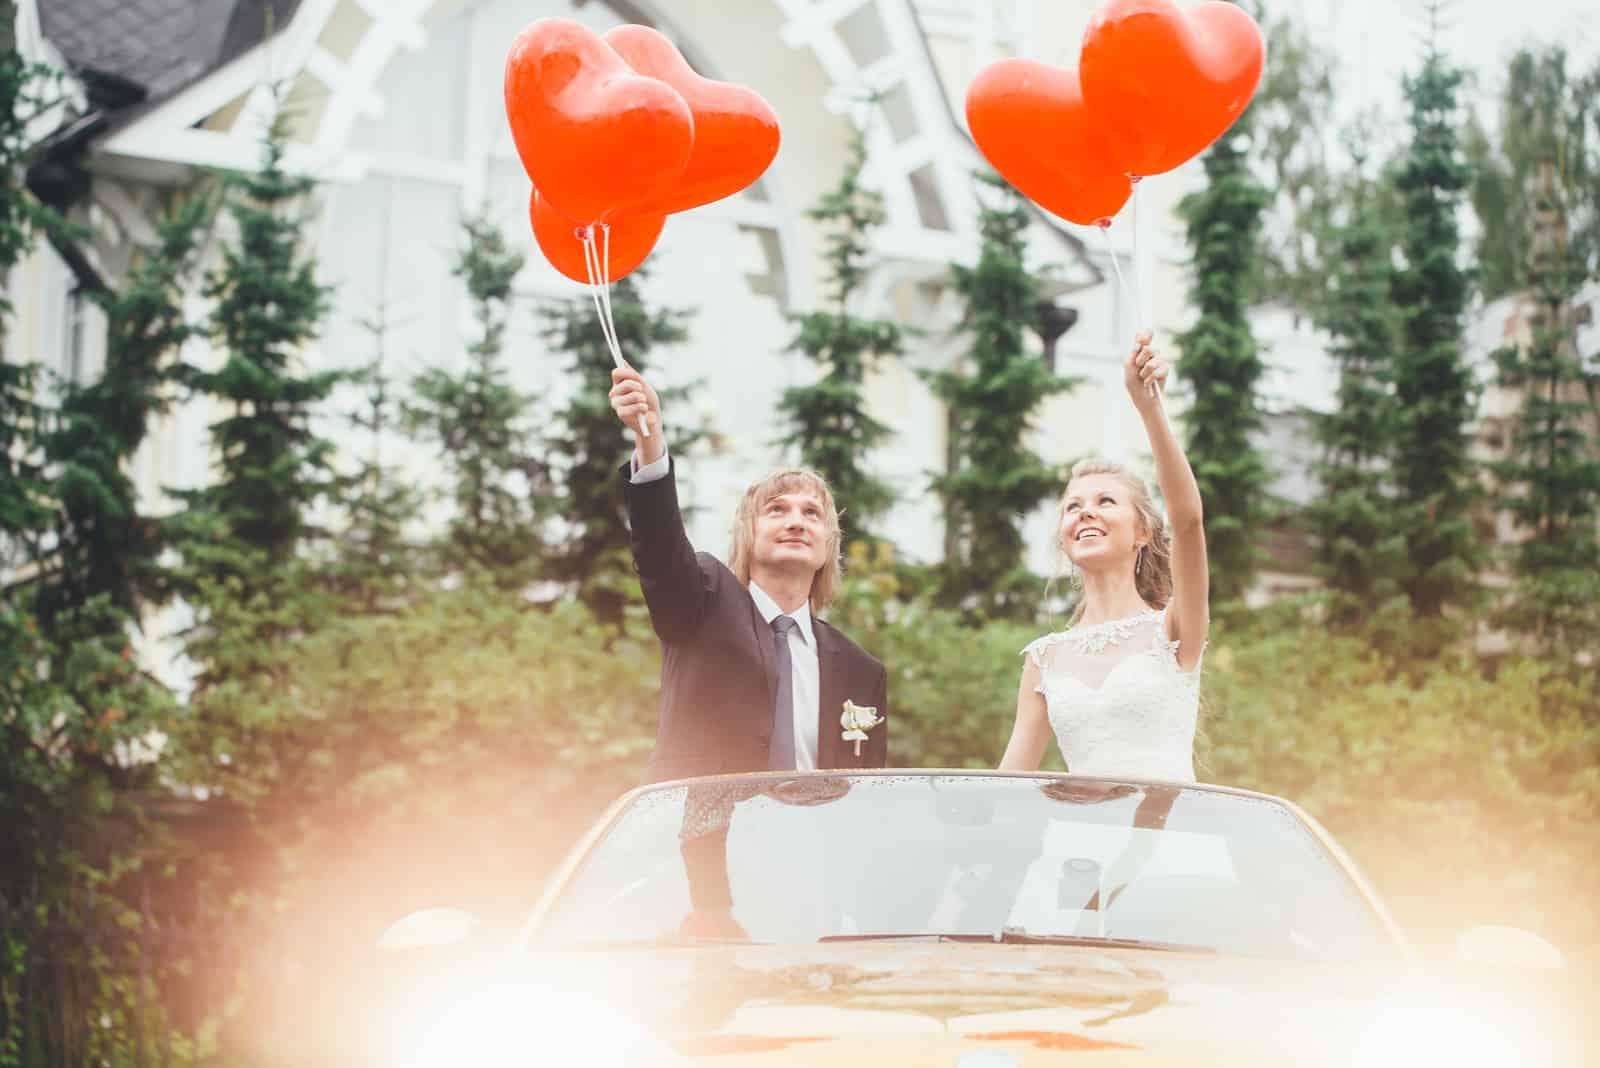 Hochzeitspaar im Auto mit Luftballons in den Händen